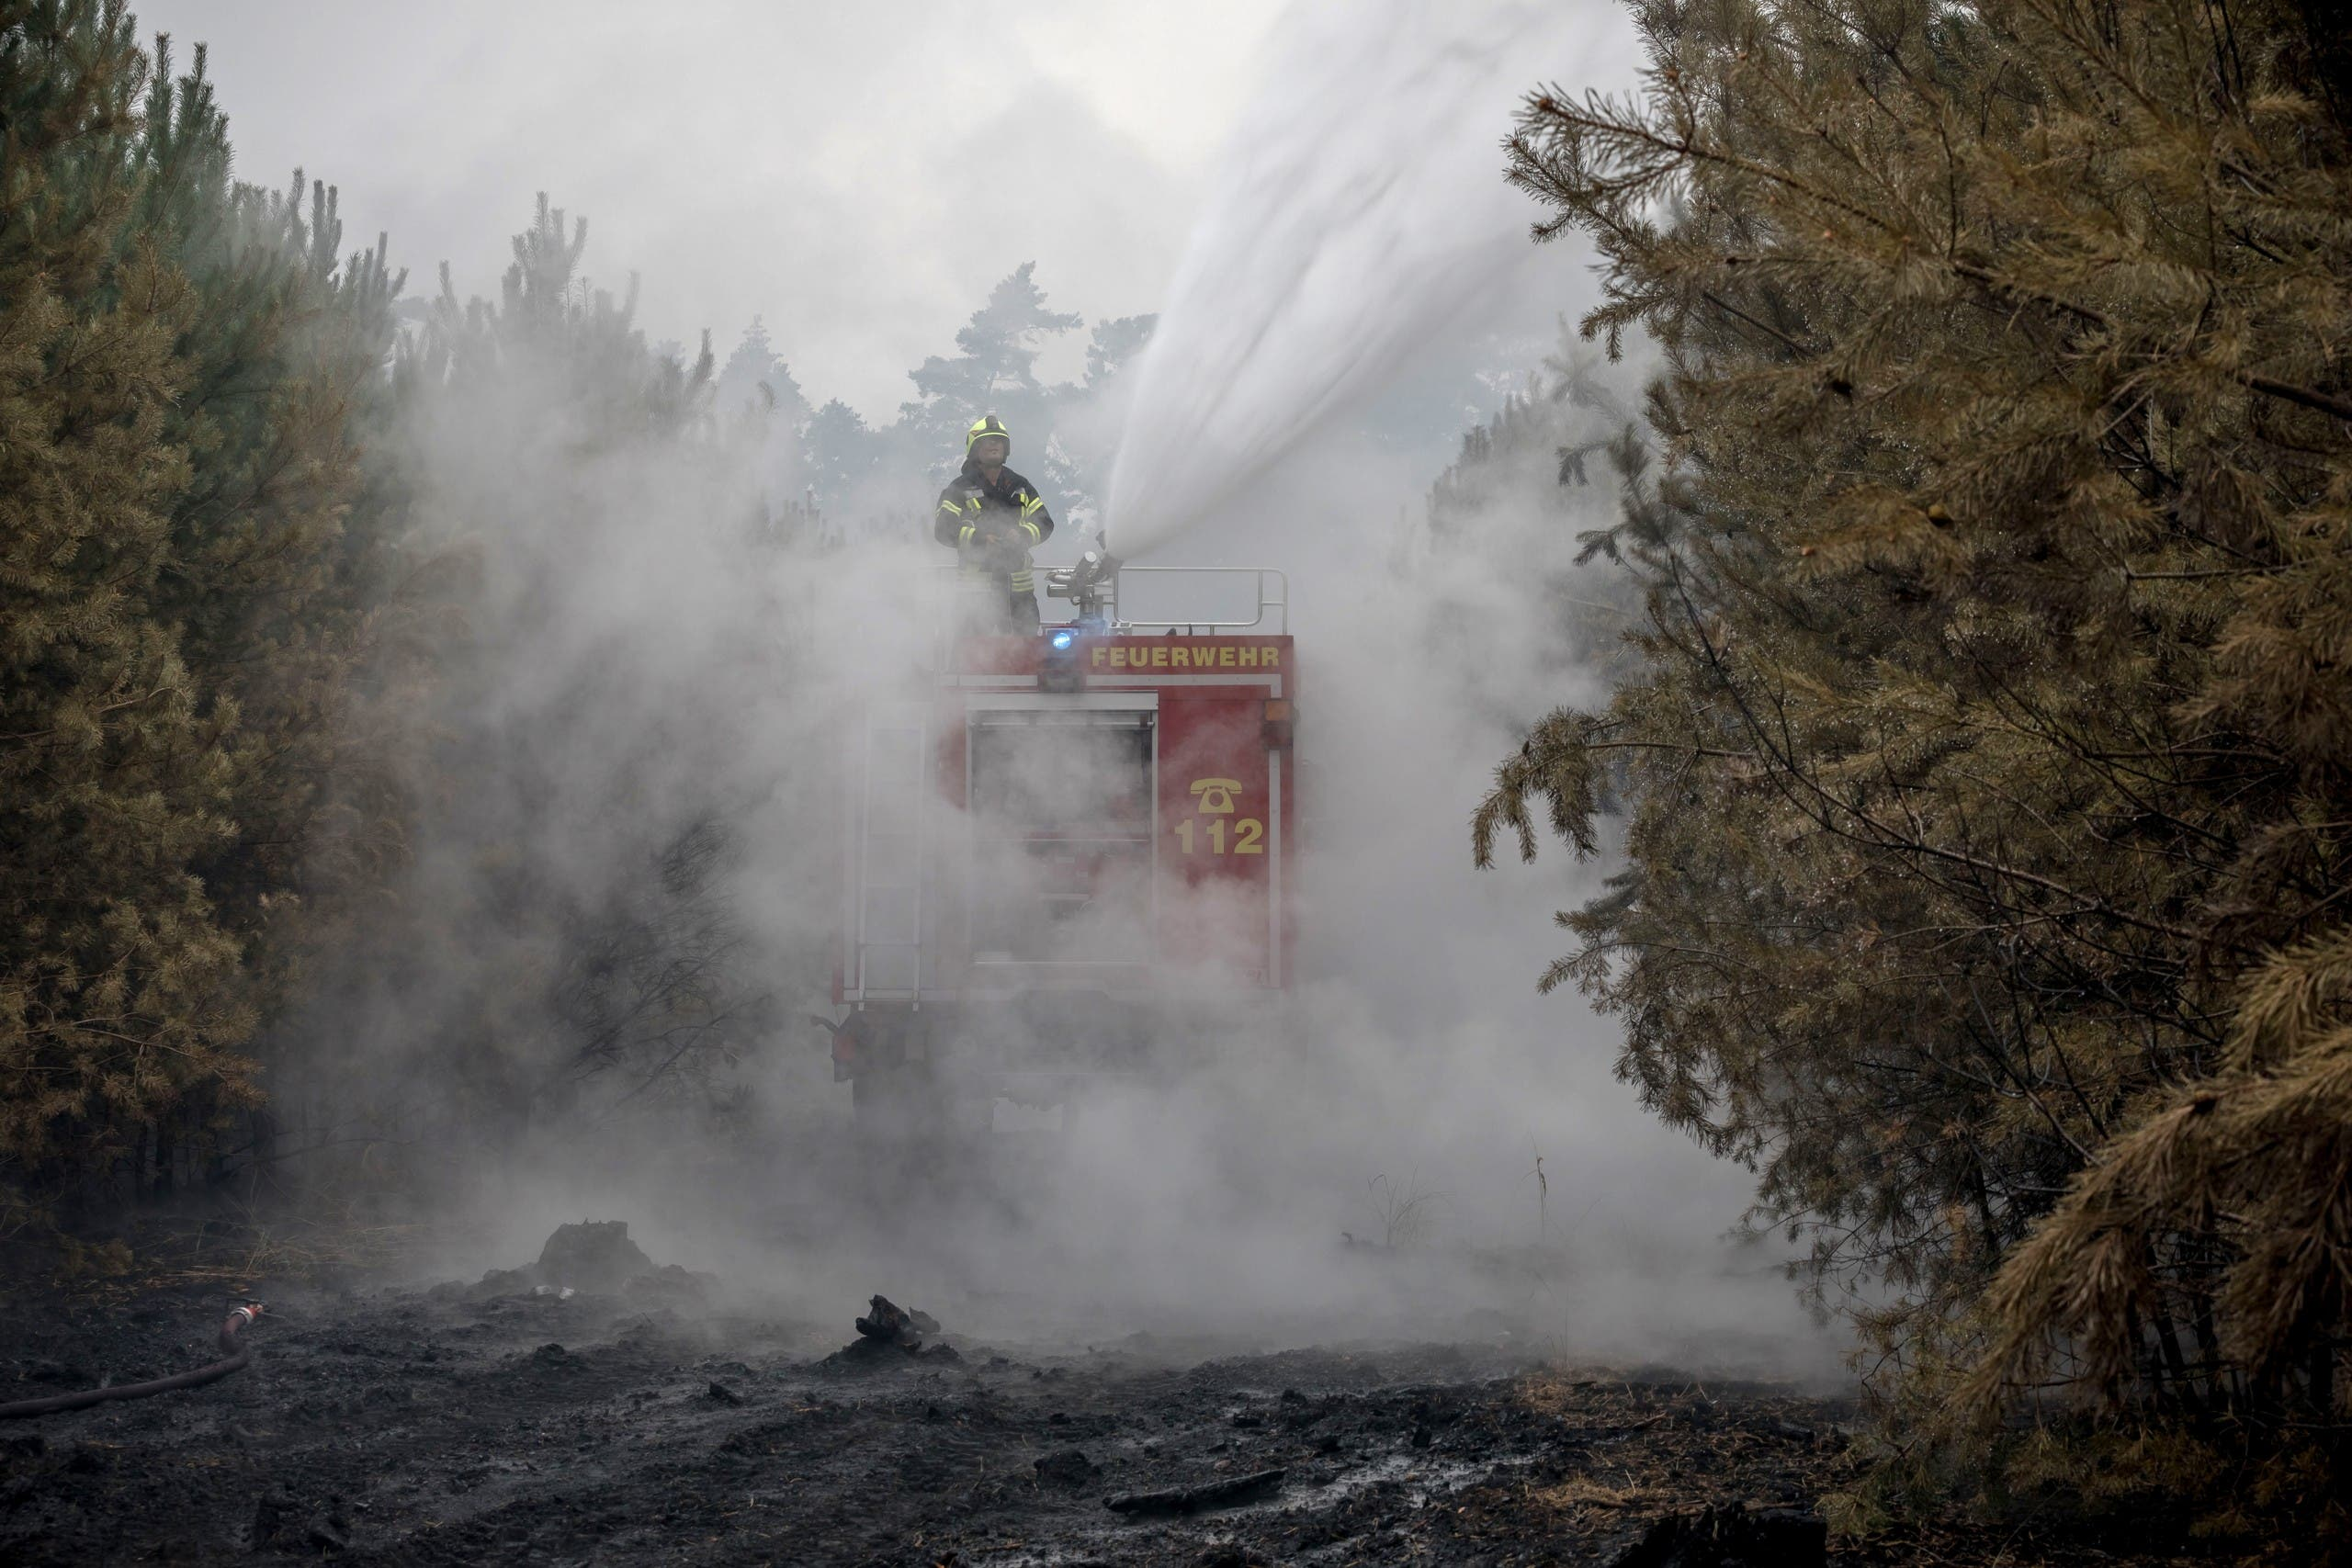 حرائق غابات تهدد قرى ألمانية وتجبر المئات على مغادرة بيوتهم